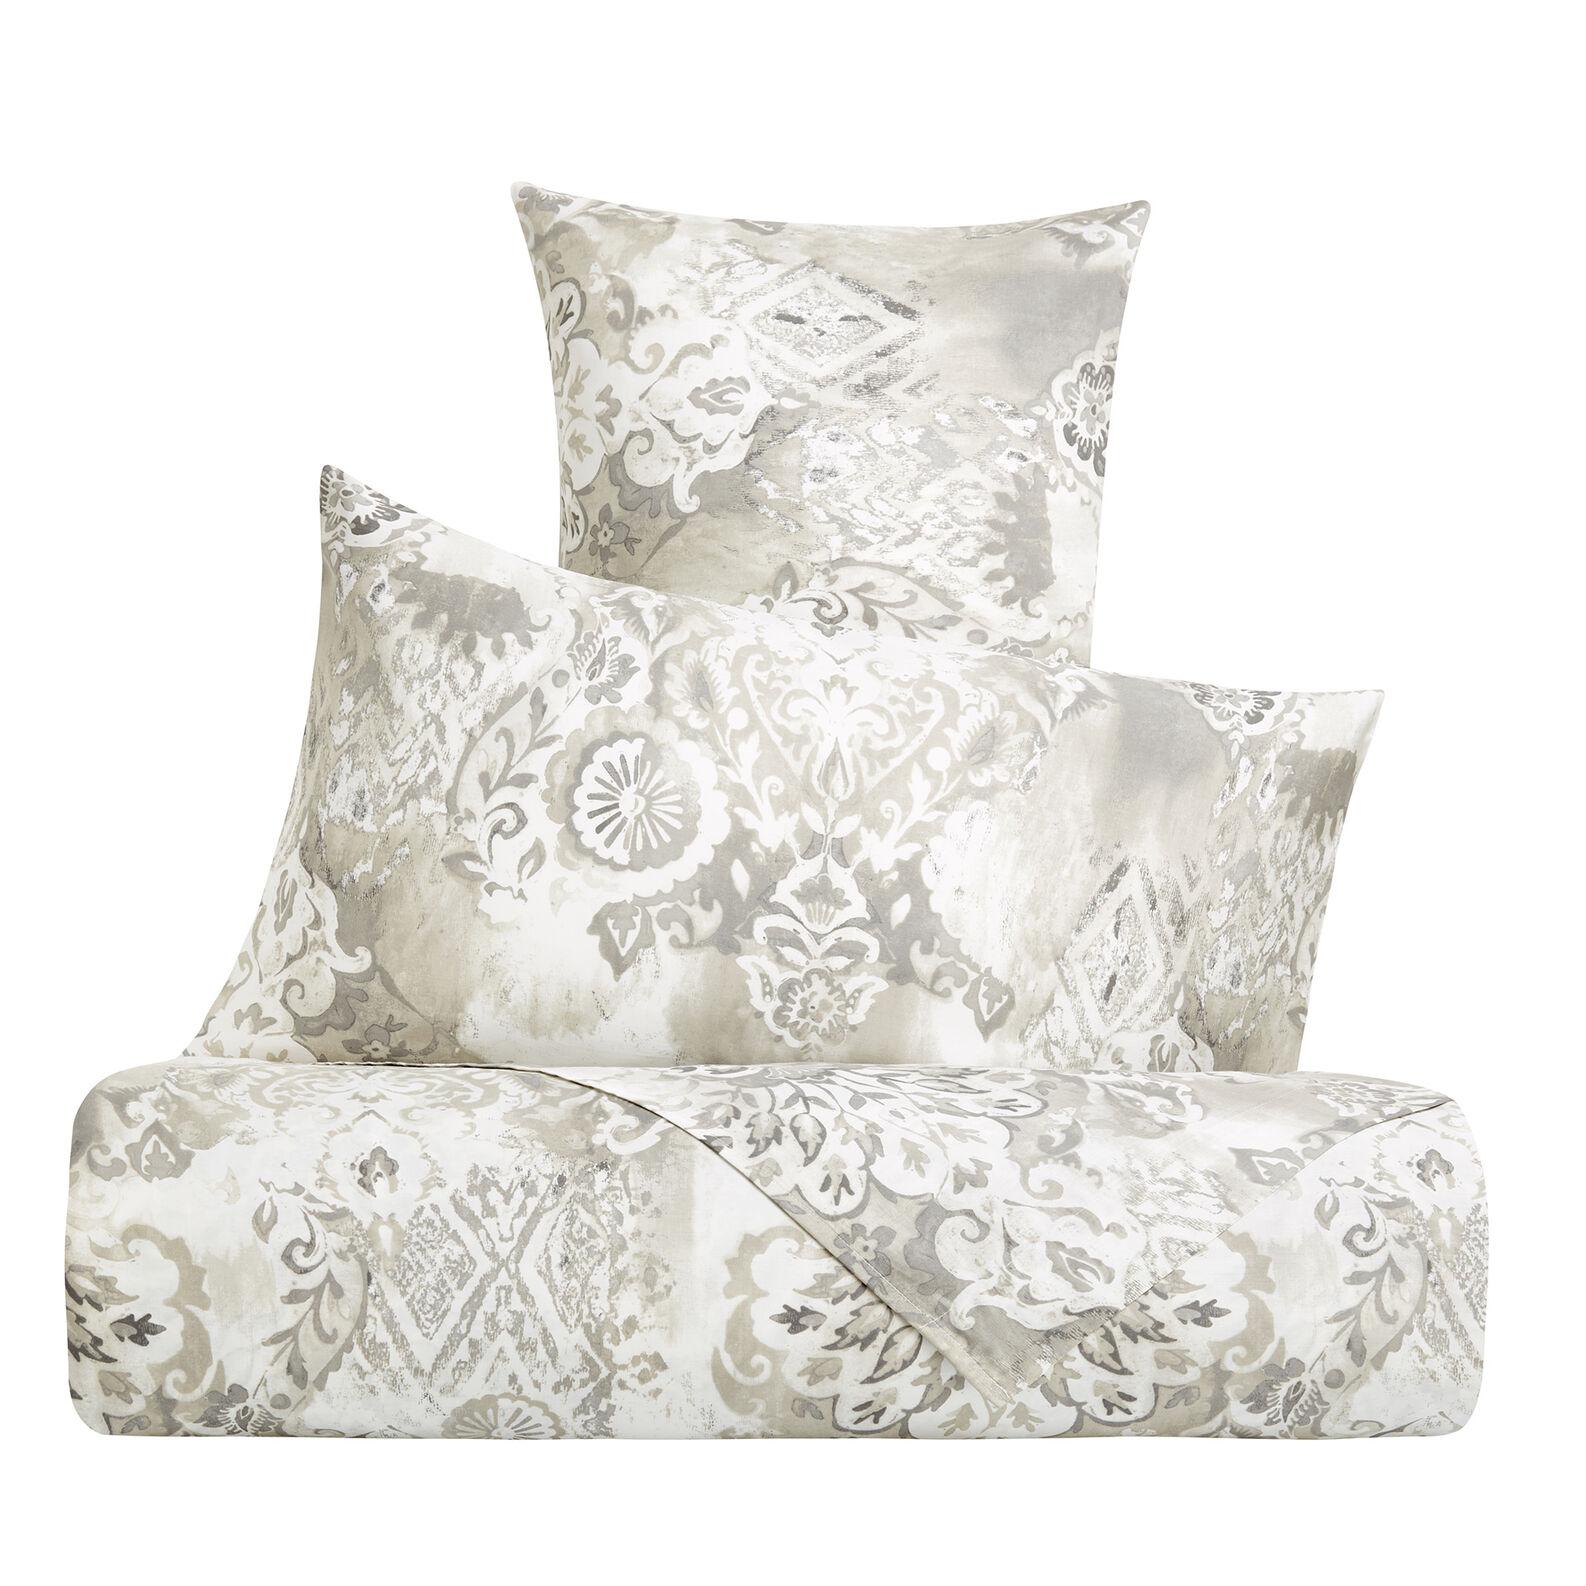 Parure lenzuola raso di cotone fantasia barocca